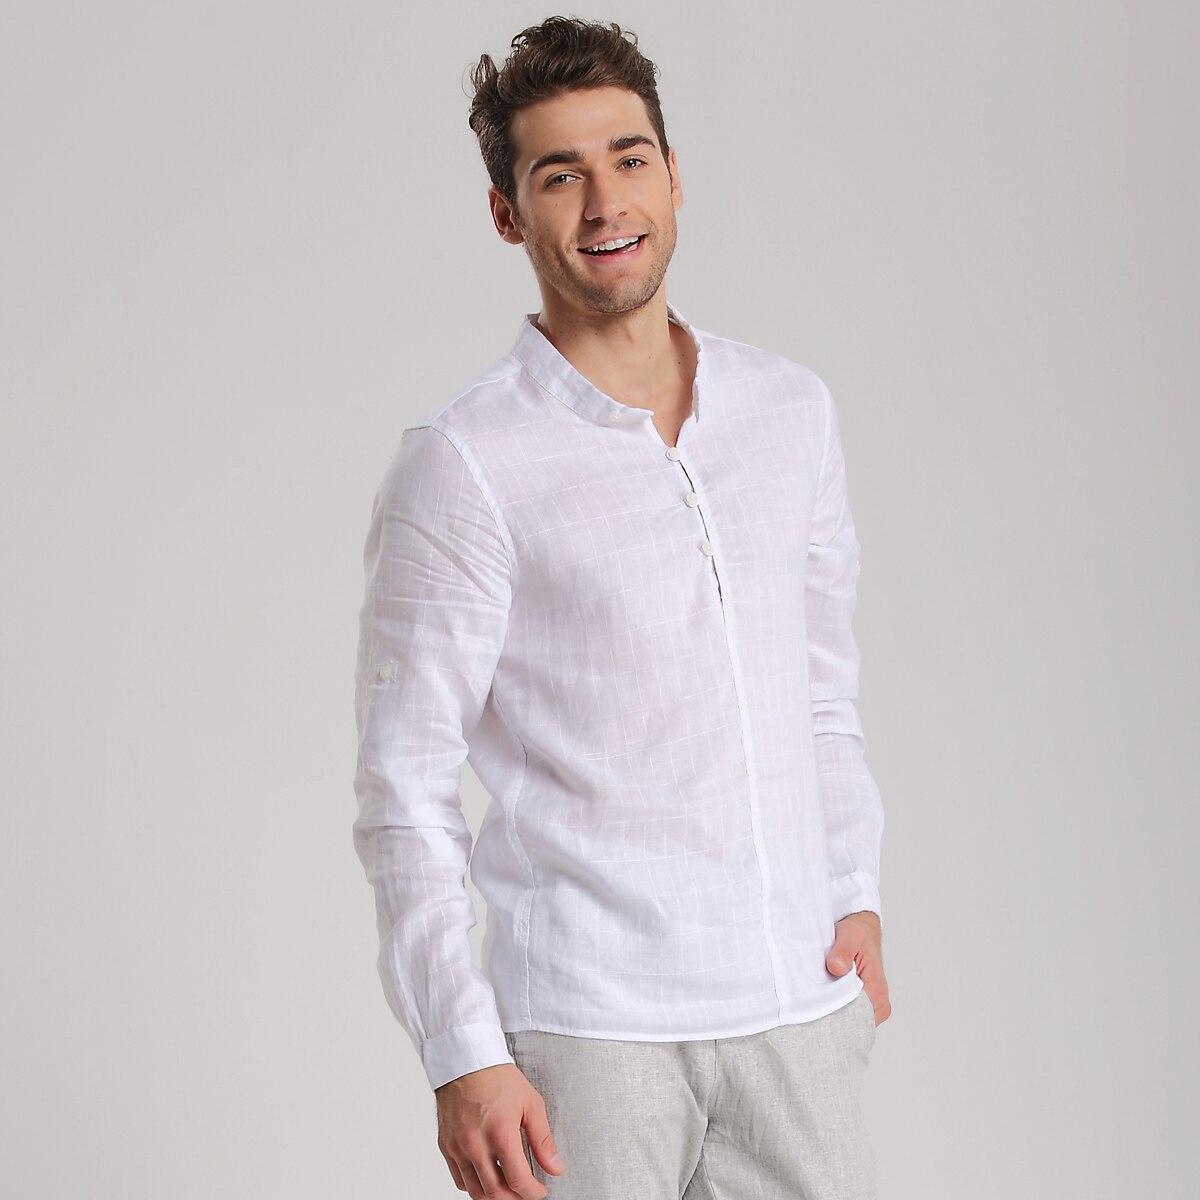 Hombres Camisa Blanca - Compra lotes baratos de Hombres